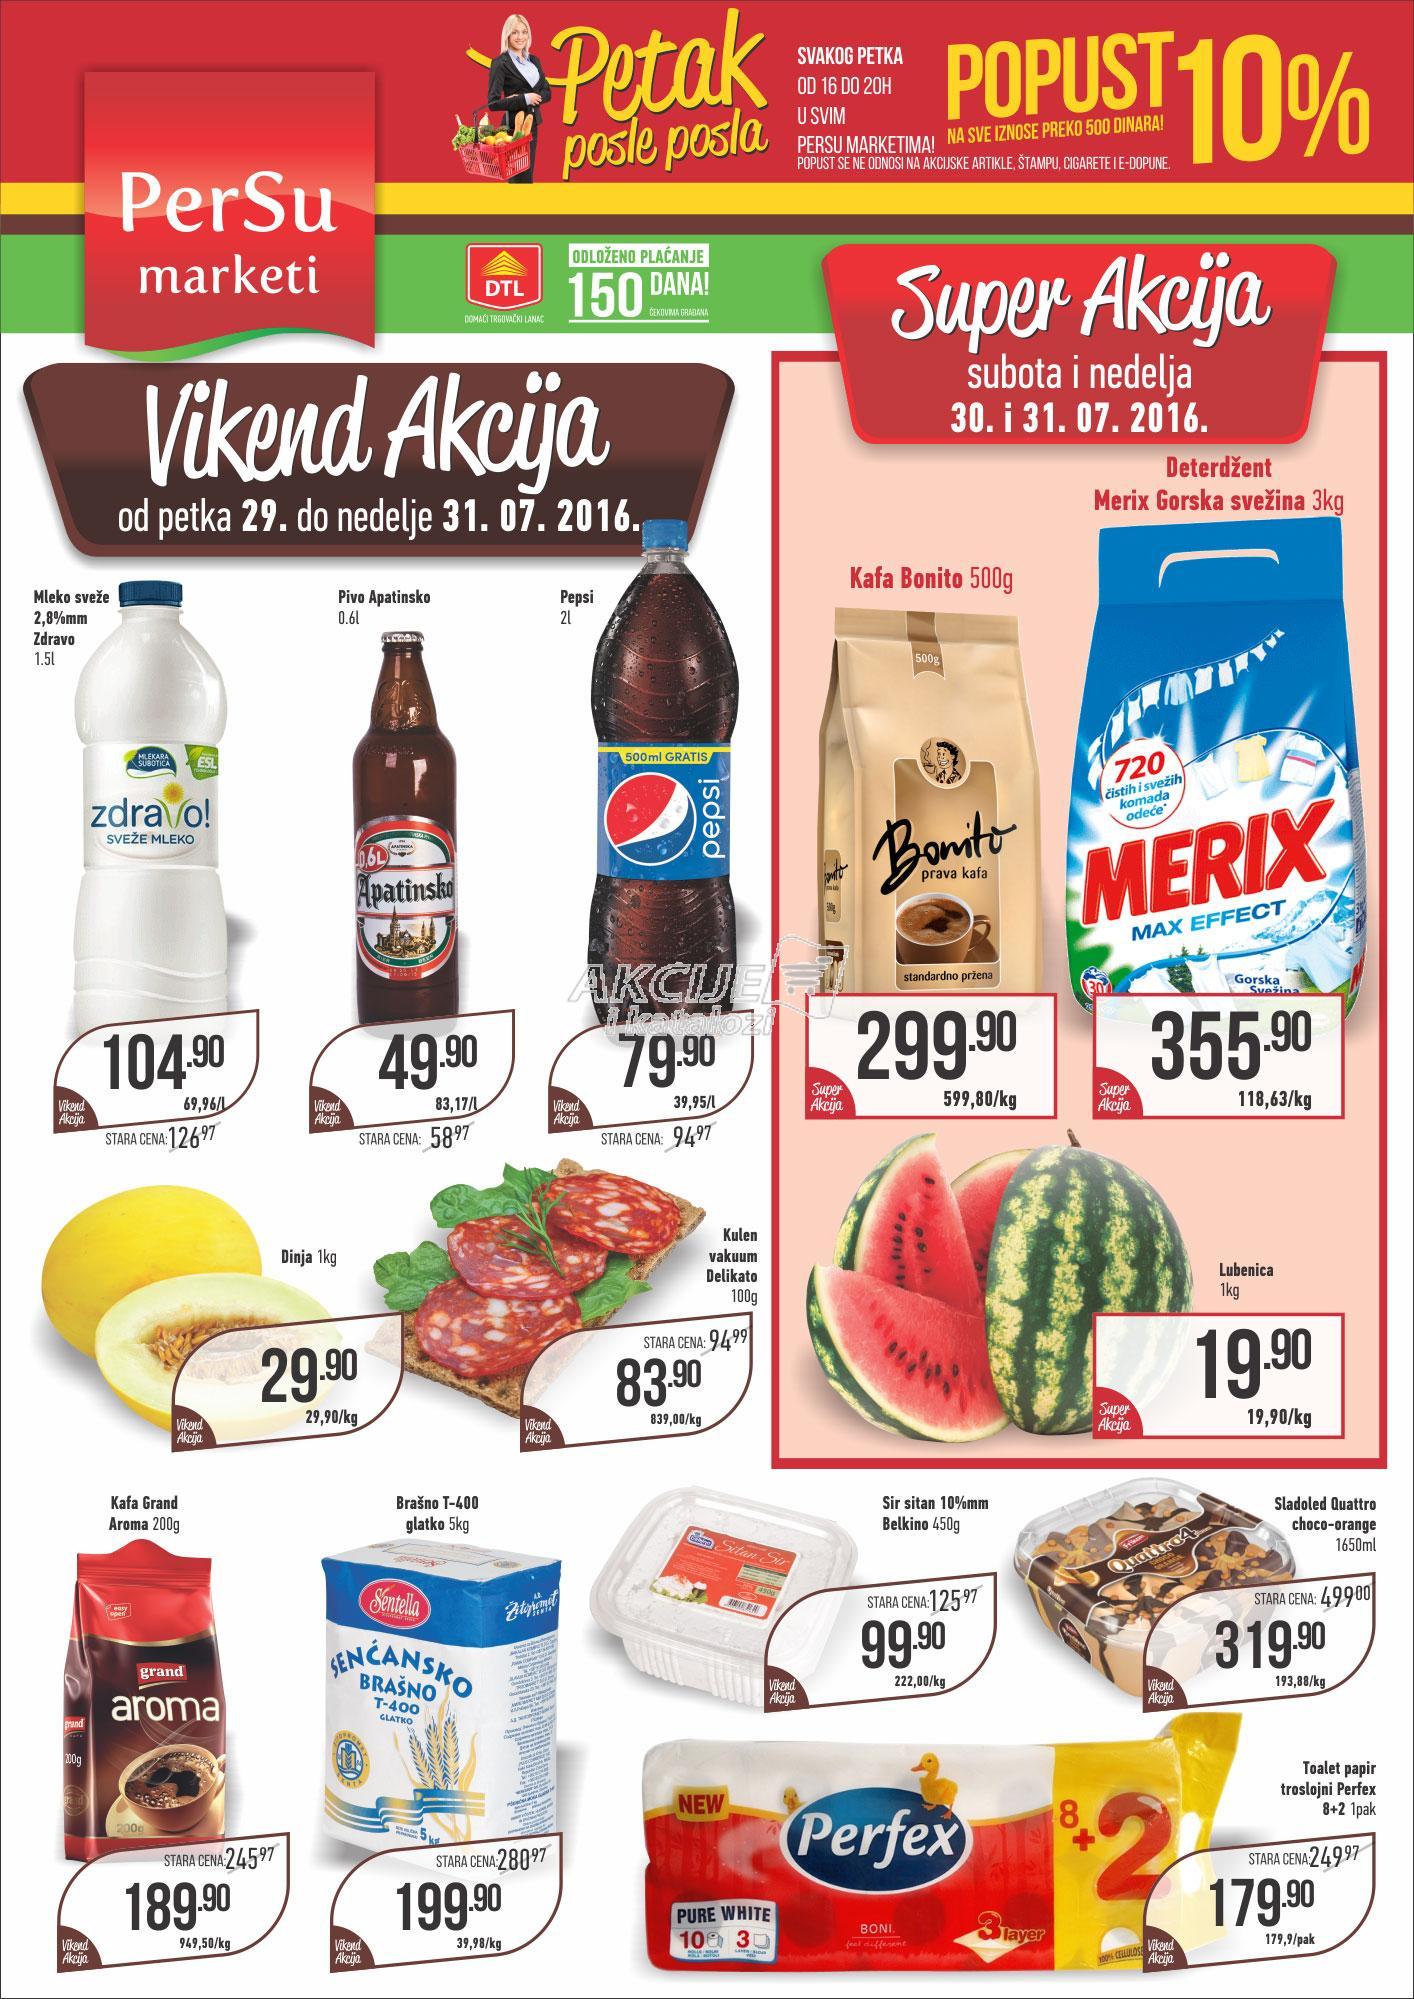 Persu akcija vikend super kupovine